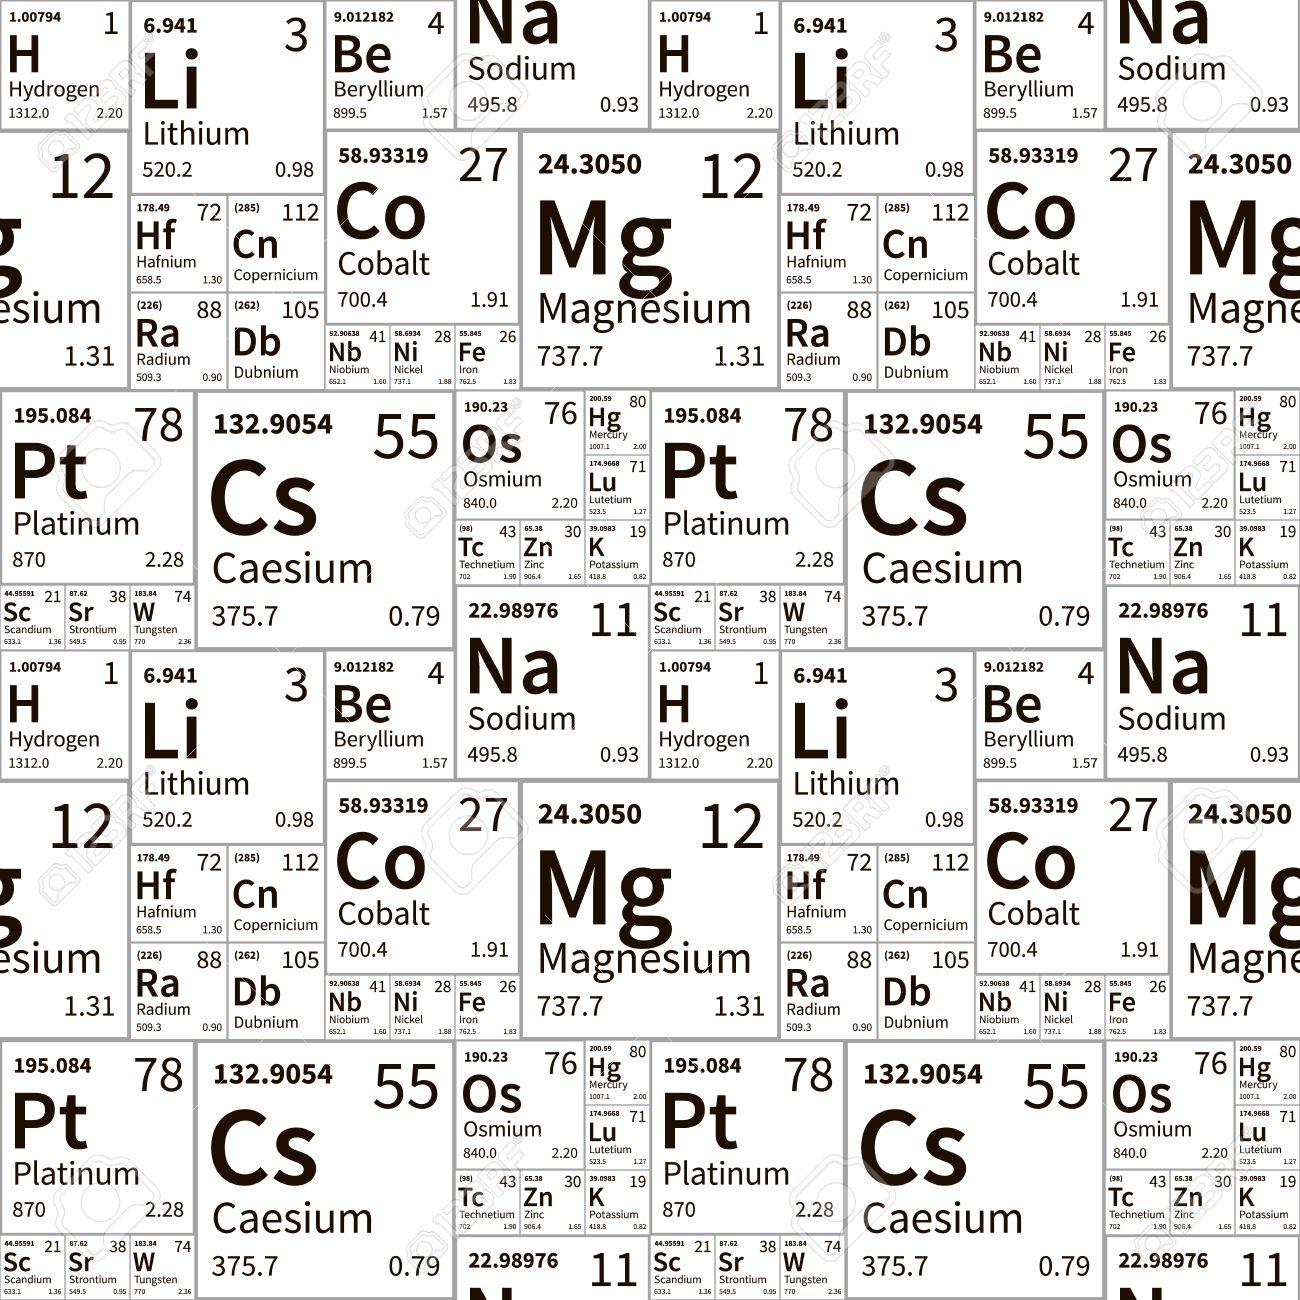 Una gran cantidad de elementos qumicos de la tabla peridica negro foto de archivo una gran cantidad de elementos qumicos de la tabla peridica negro y blanco patrn transparente urtaz Gallery